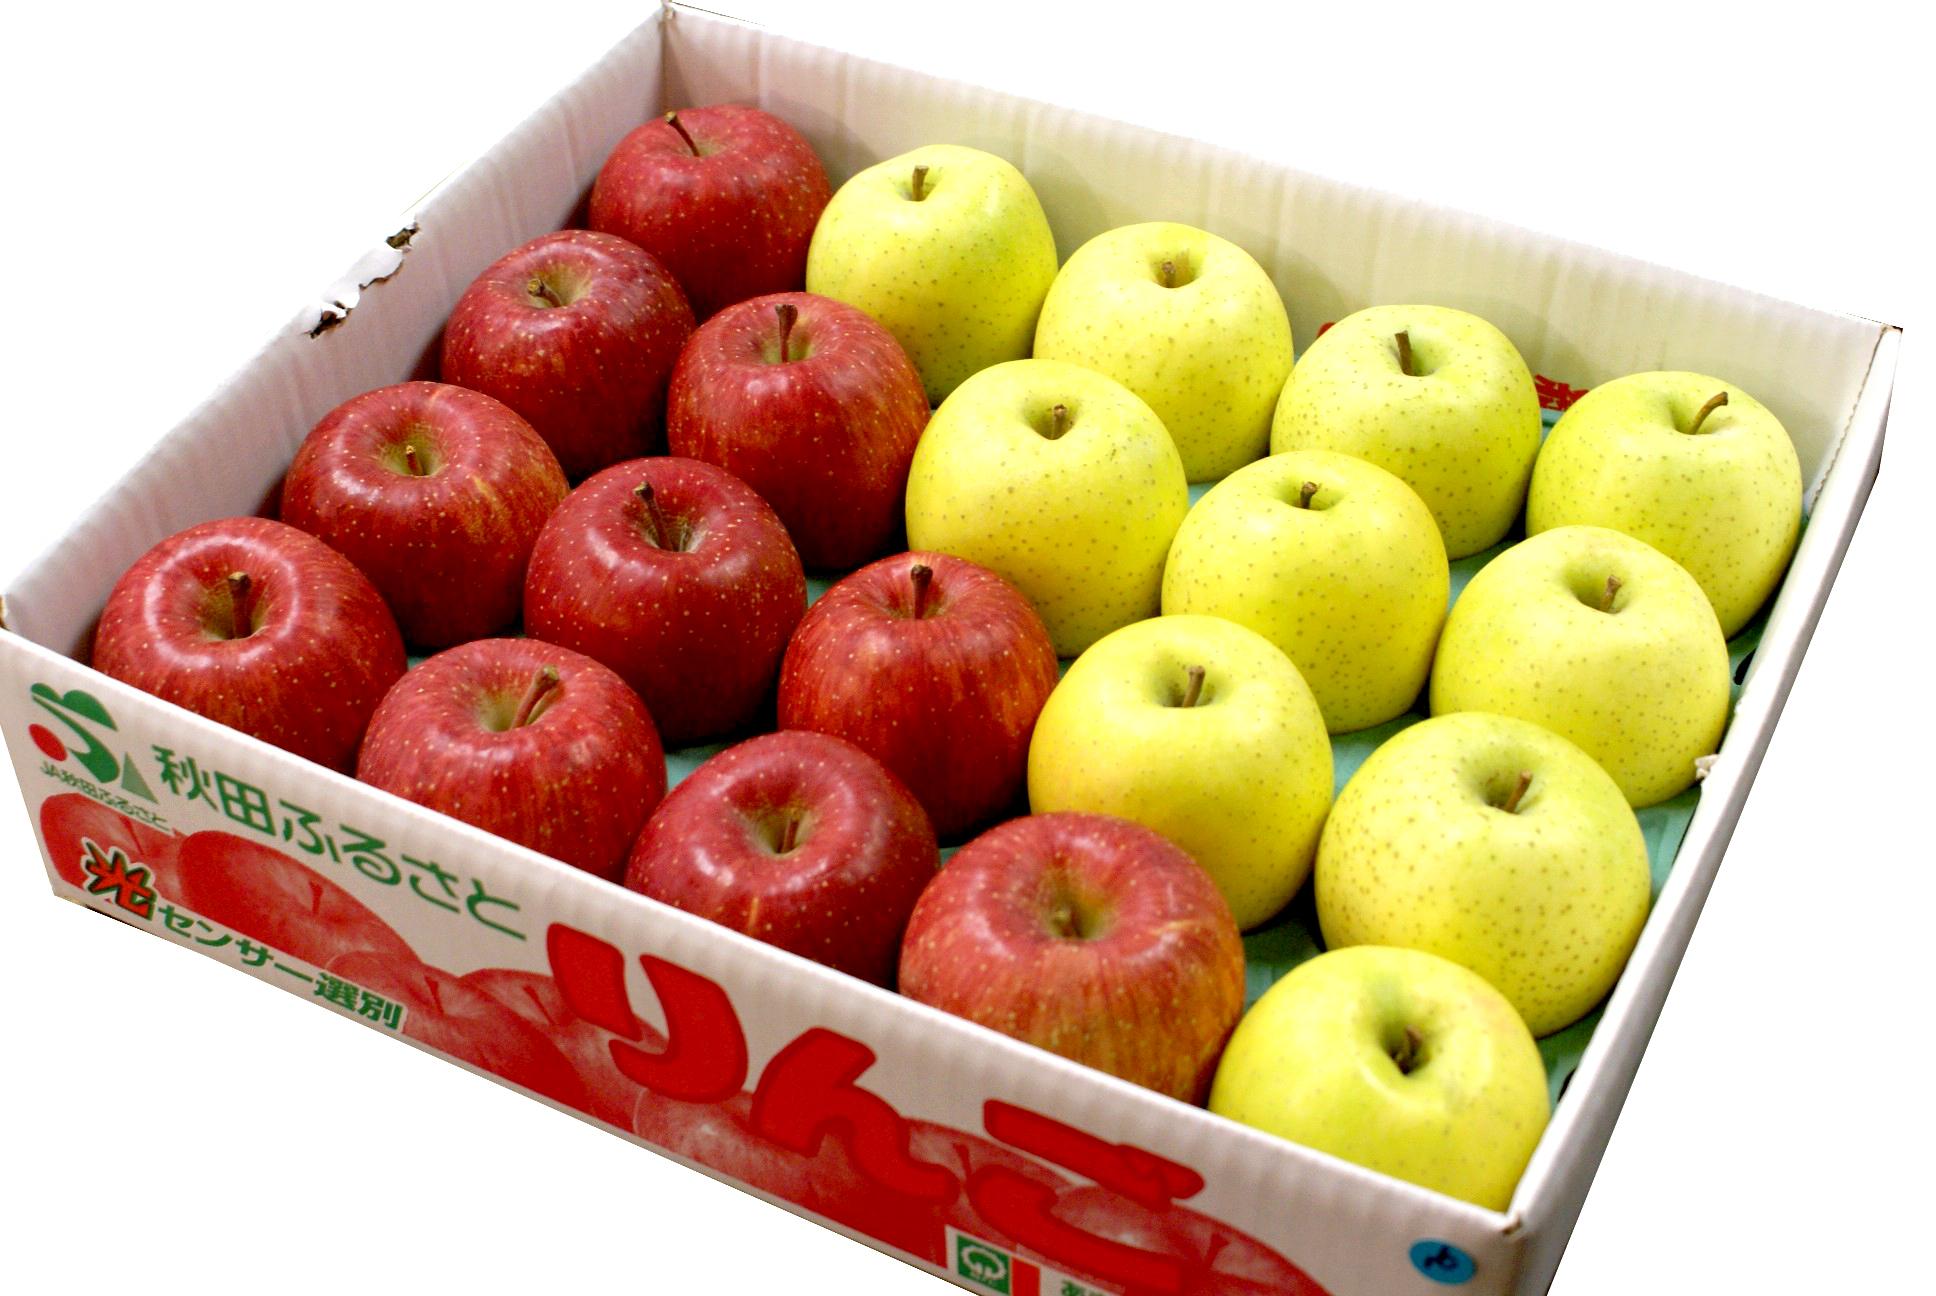 【ご注文から2~3日後の出荷】完熟!秋田産りんご「サンふじ×王林」 約10kg(L 40玉)